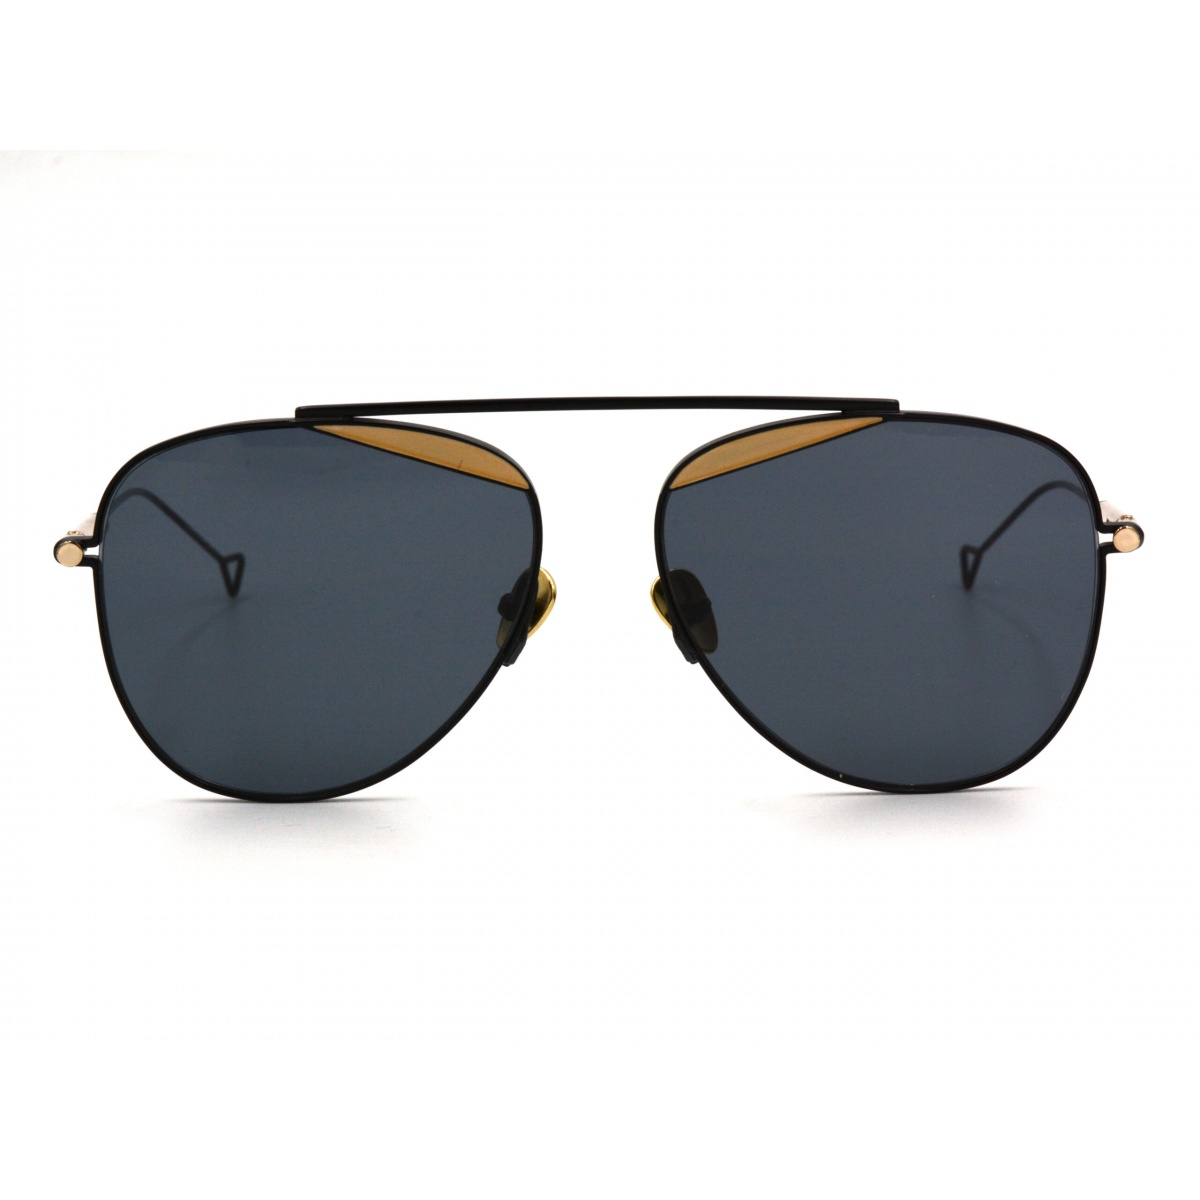 Γυαλιά ηλίου HAZE COLLECTION NEW YORK DURETE-3BK 58-15-145